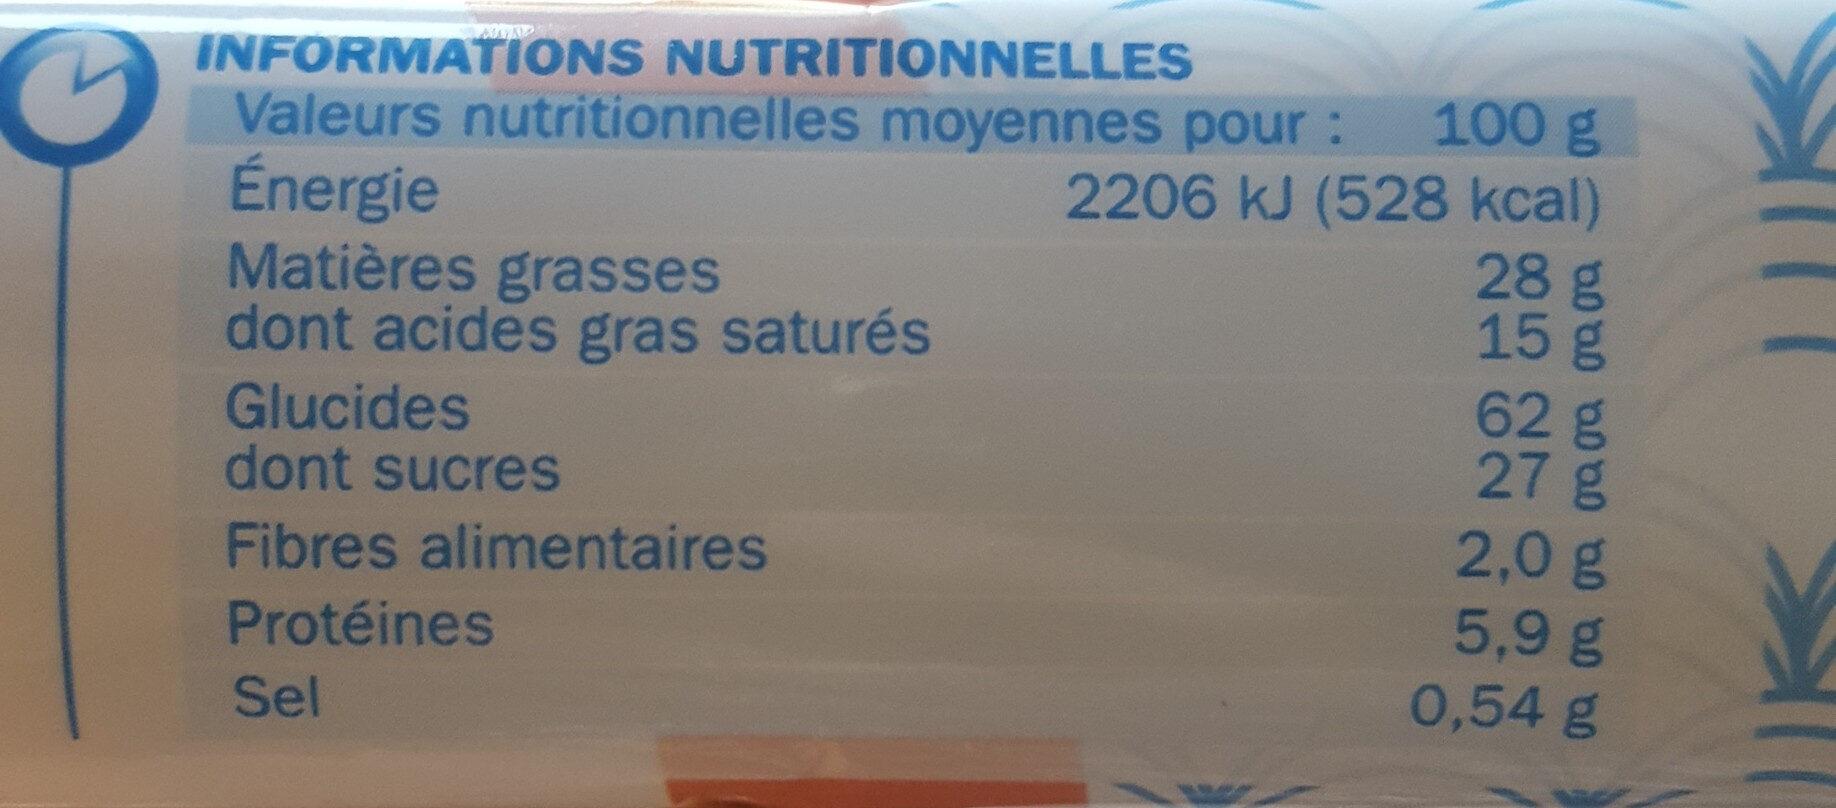 Sprits nappés de chocolat au lait - Informations nutritionnelles